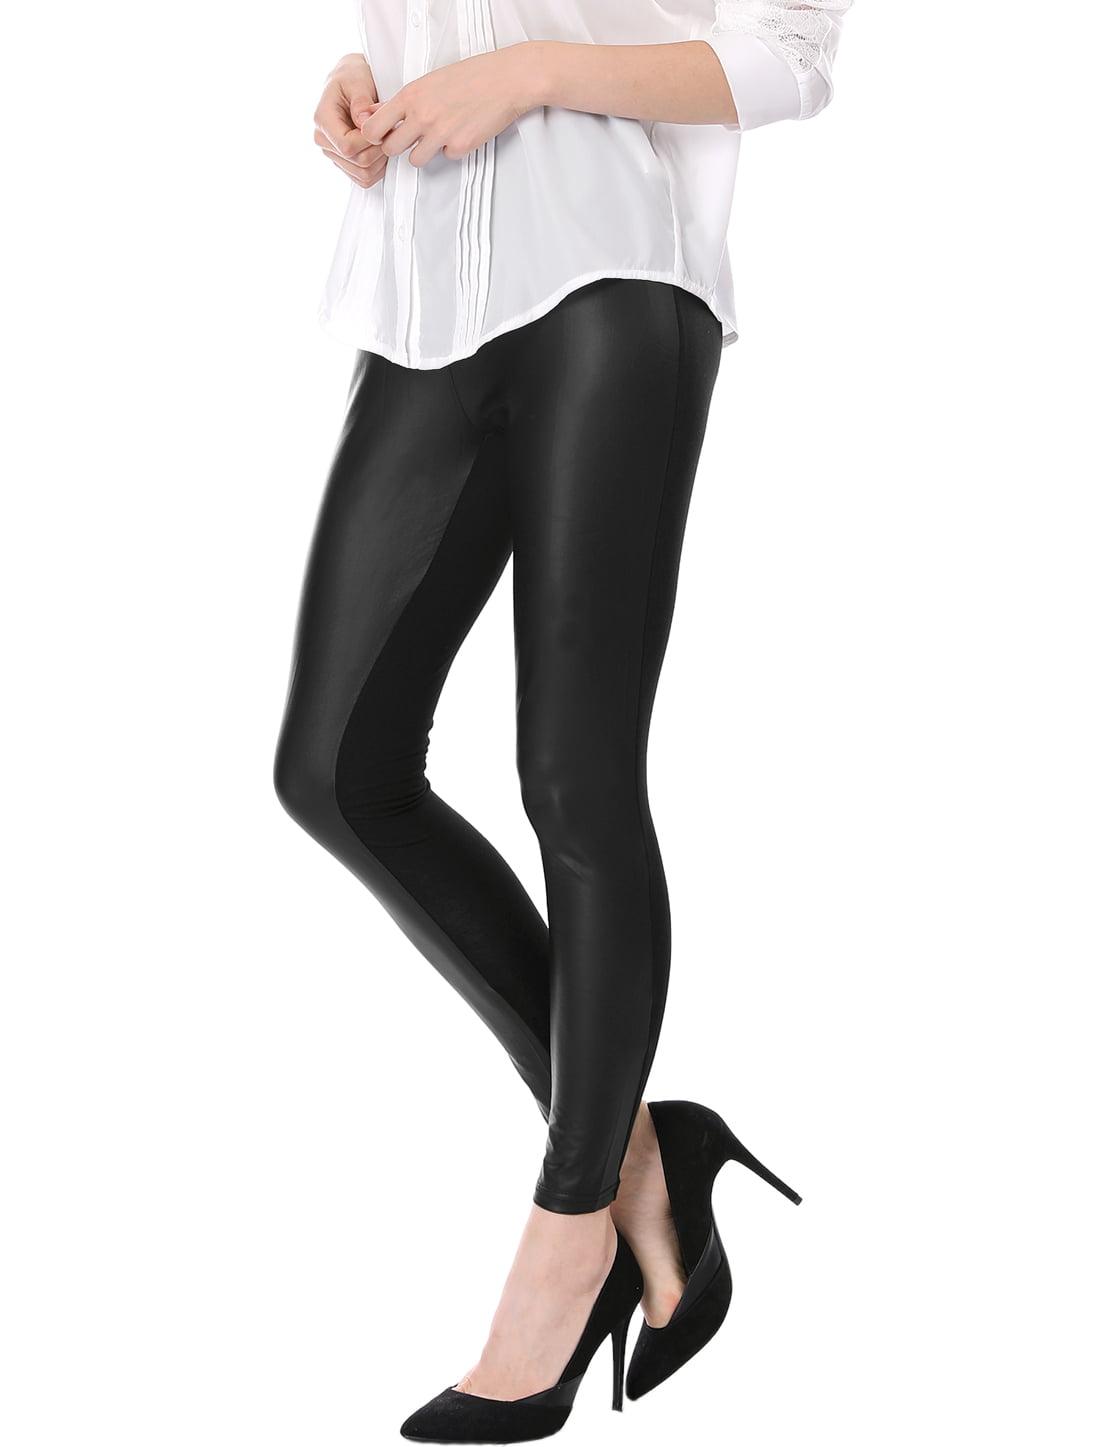 Unique Bargains Faux Leather Front Women s XS Skinny Pencil Pants ... 431dd0e1c